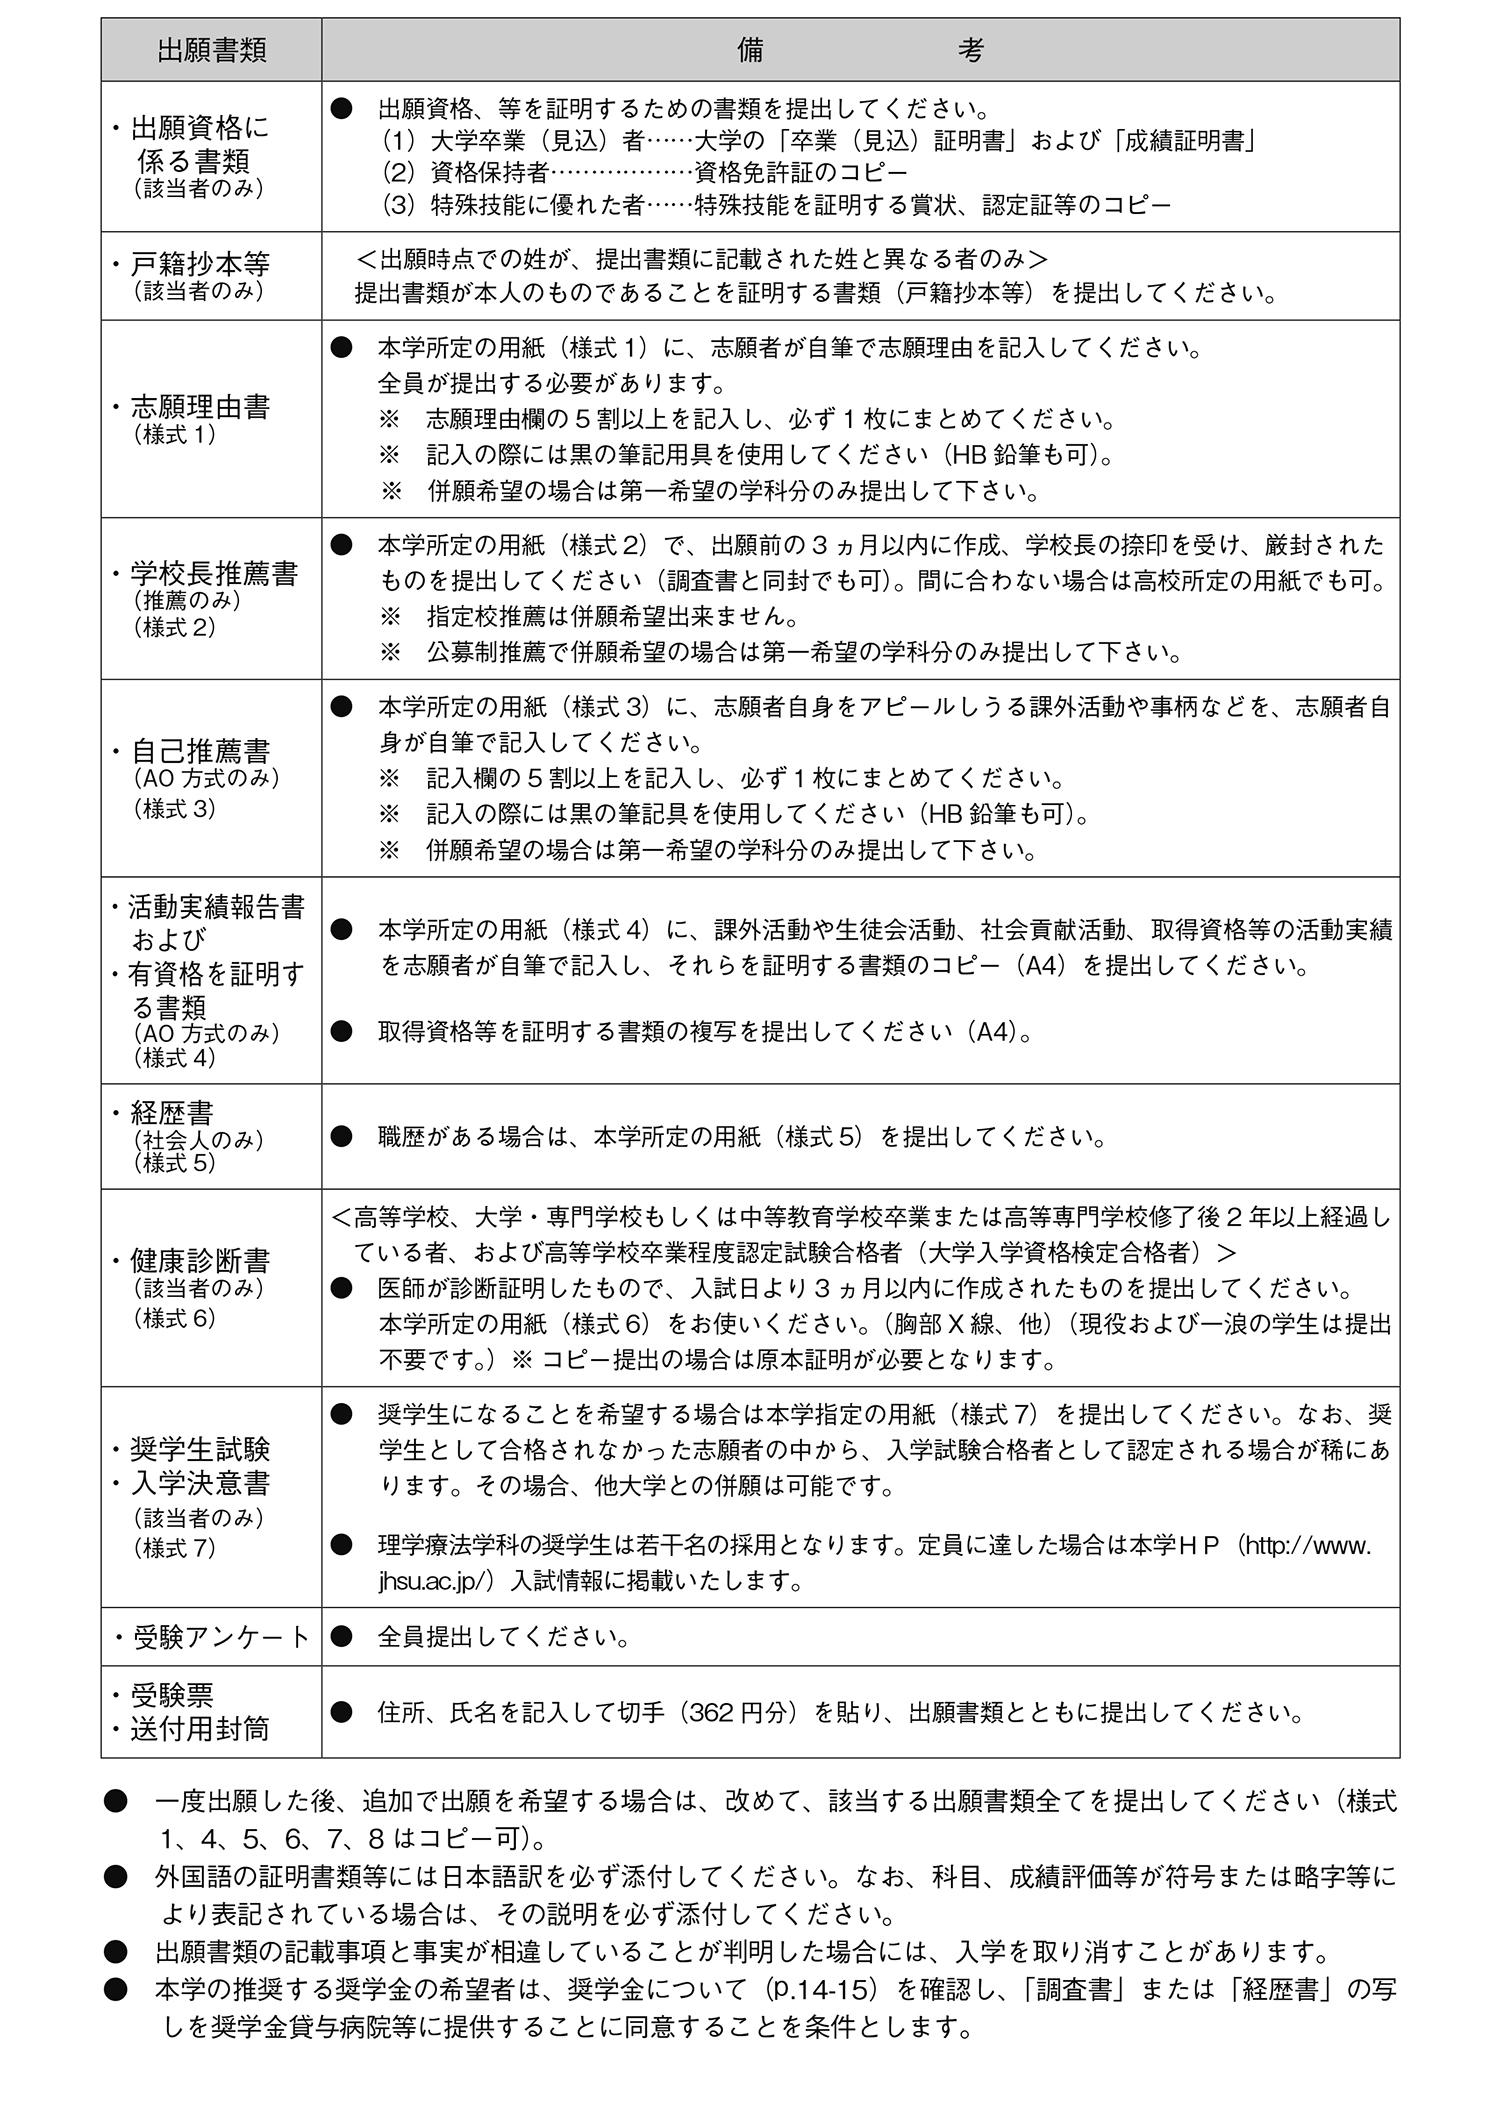 出願書類の注意事項